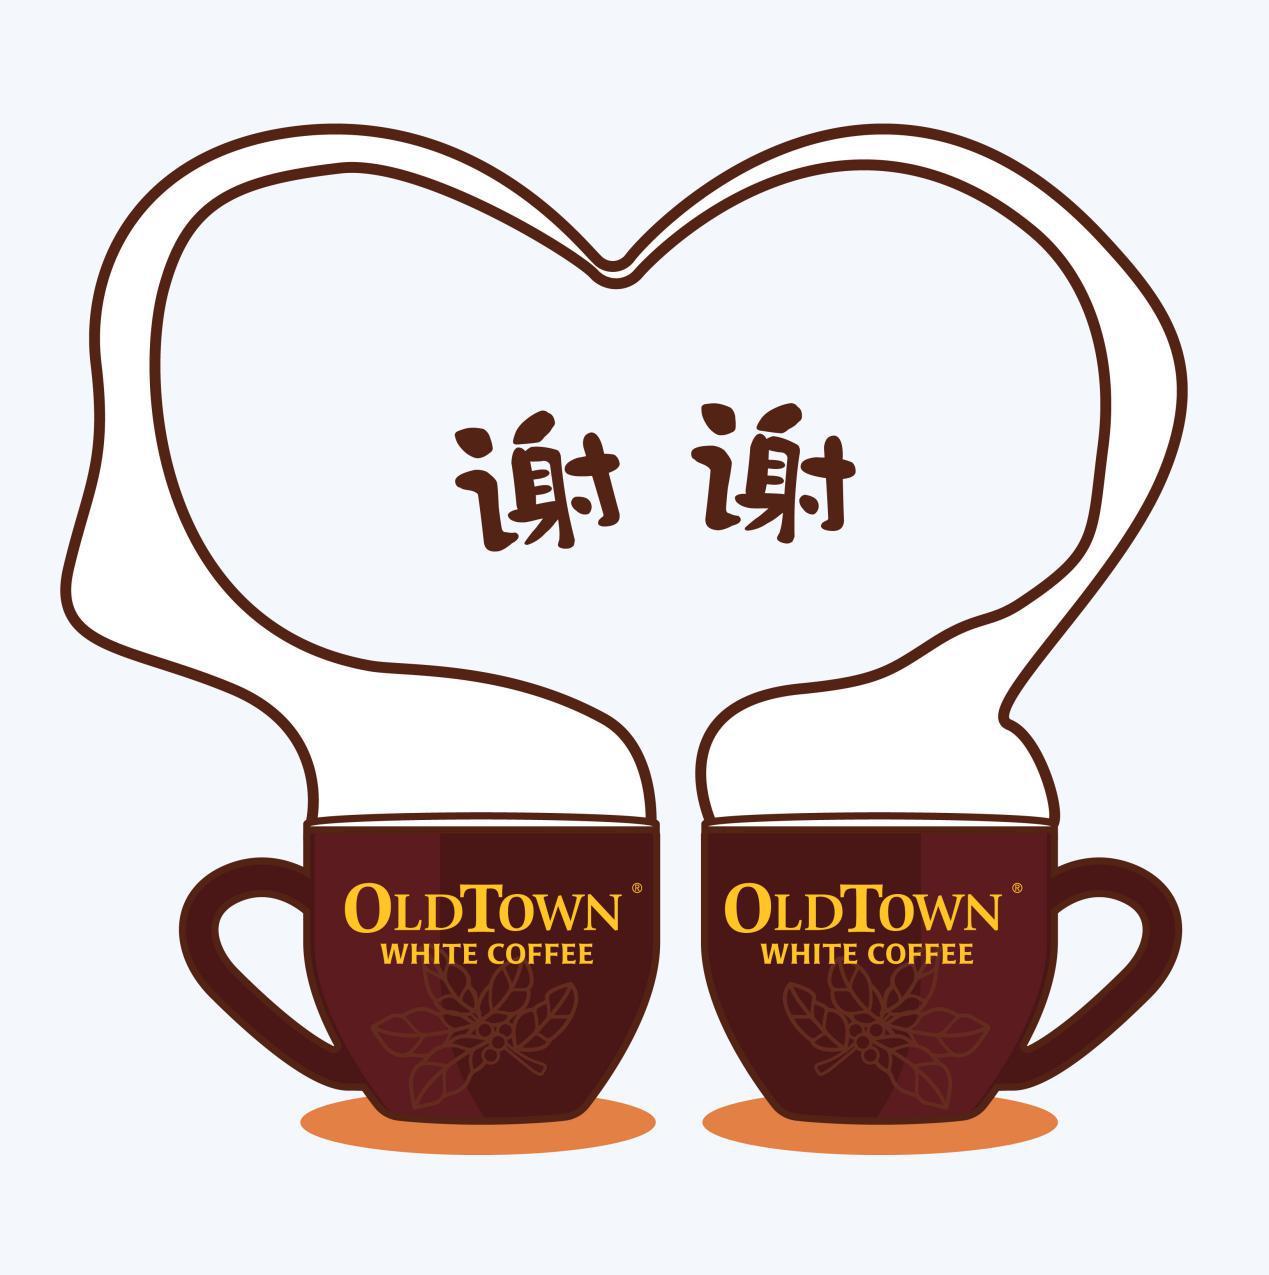 旧街场白咖啡系列表情包:爱上生活,用表情包诠释你的人生态度!